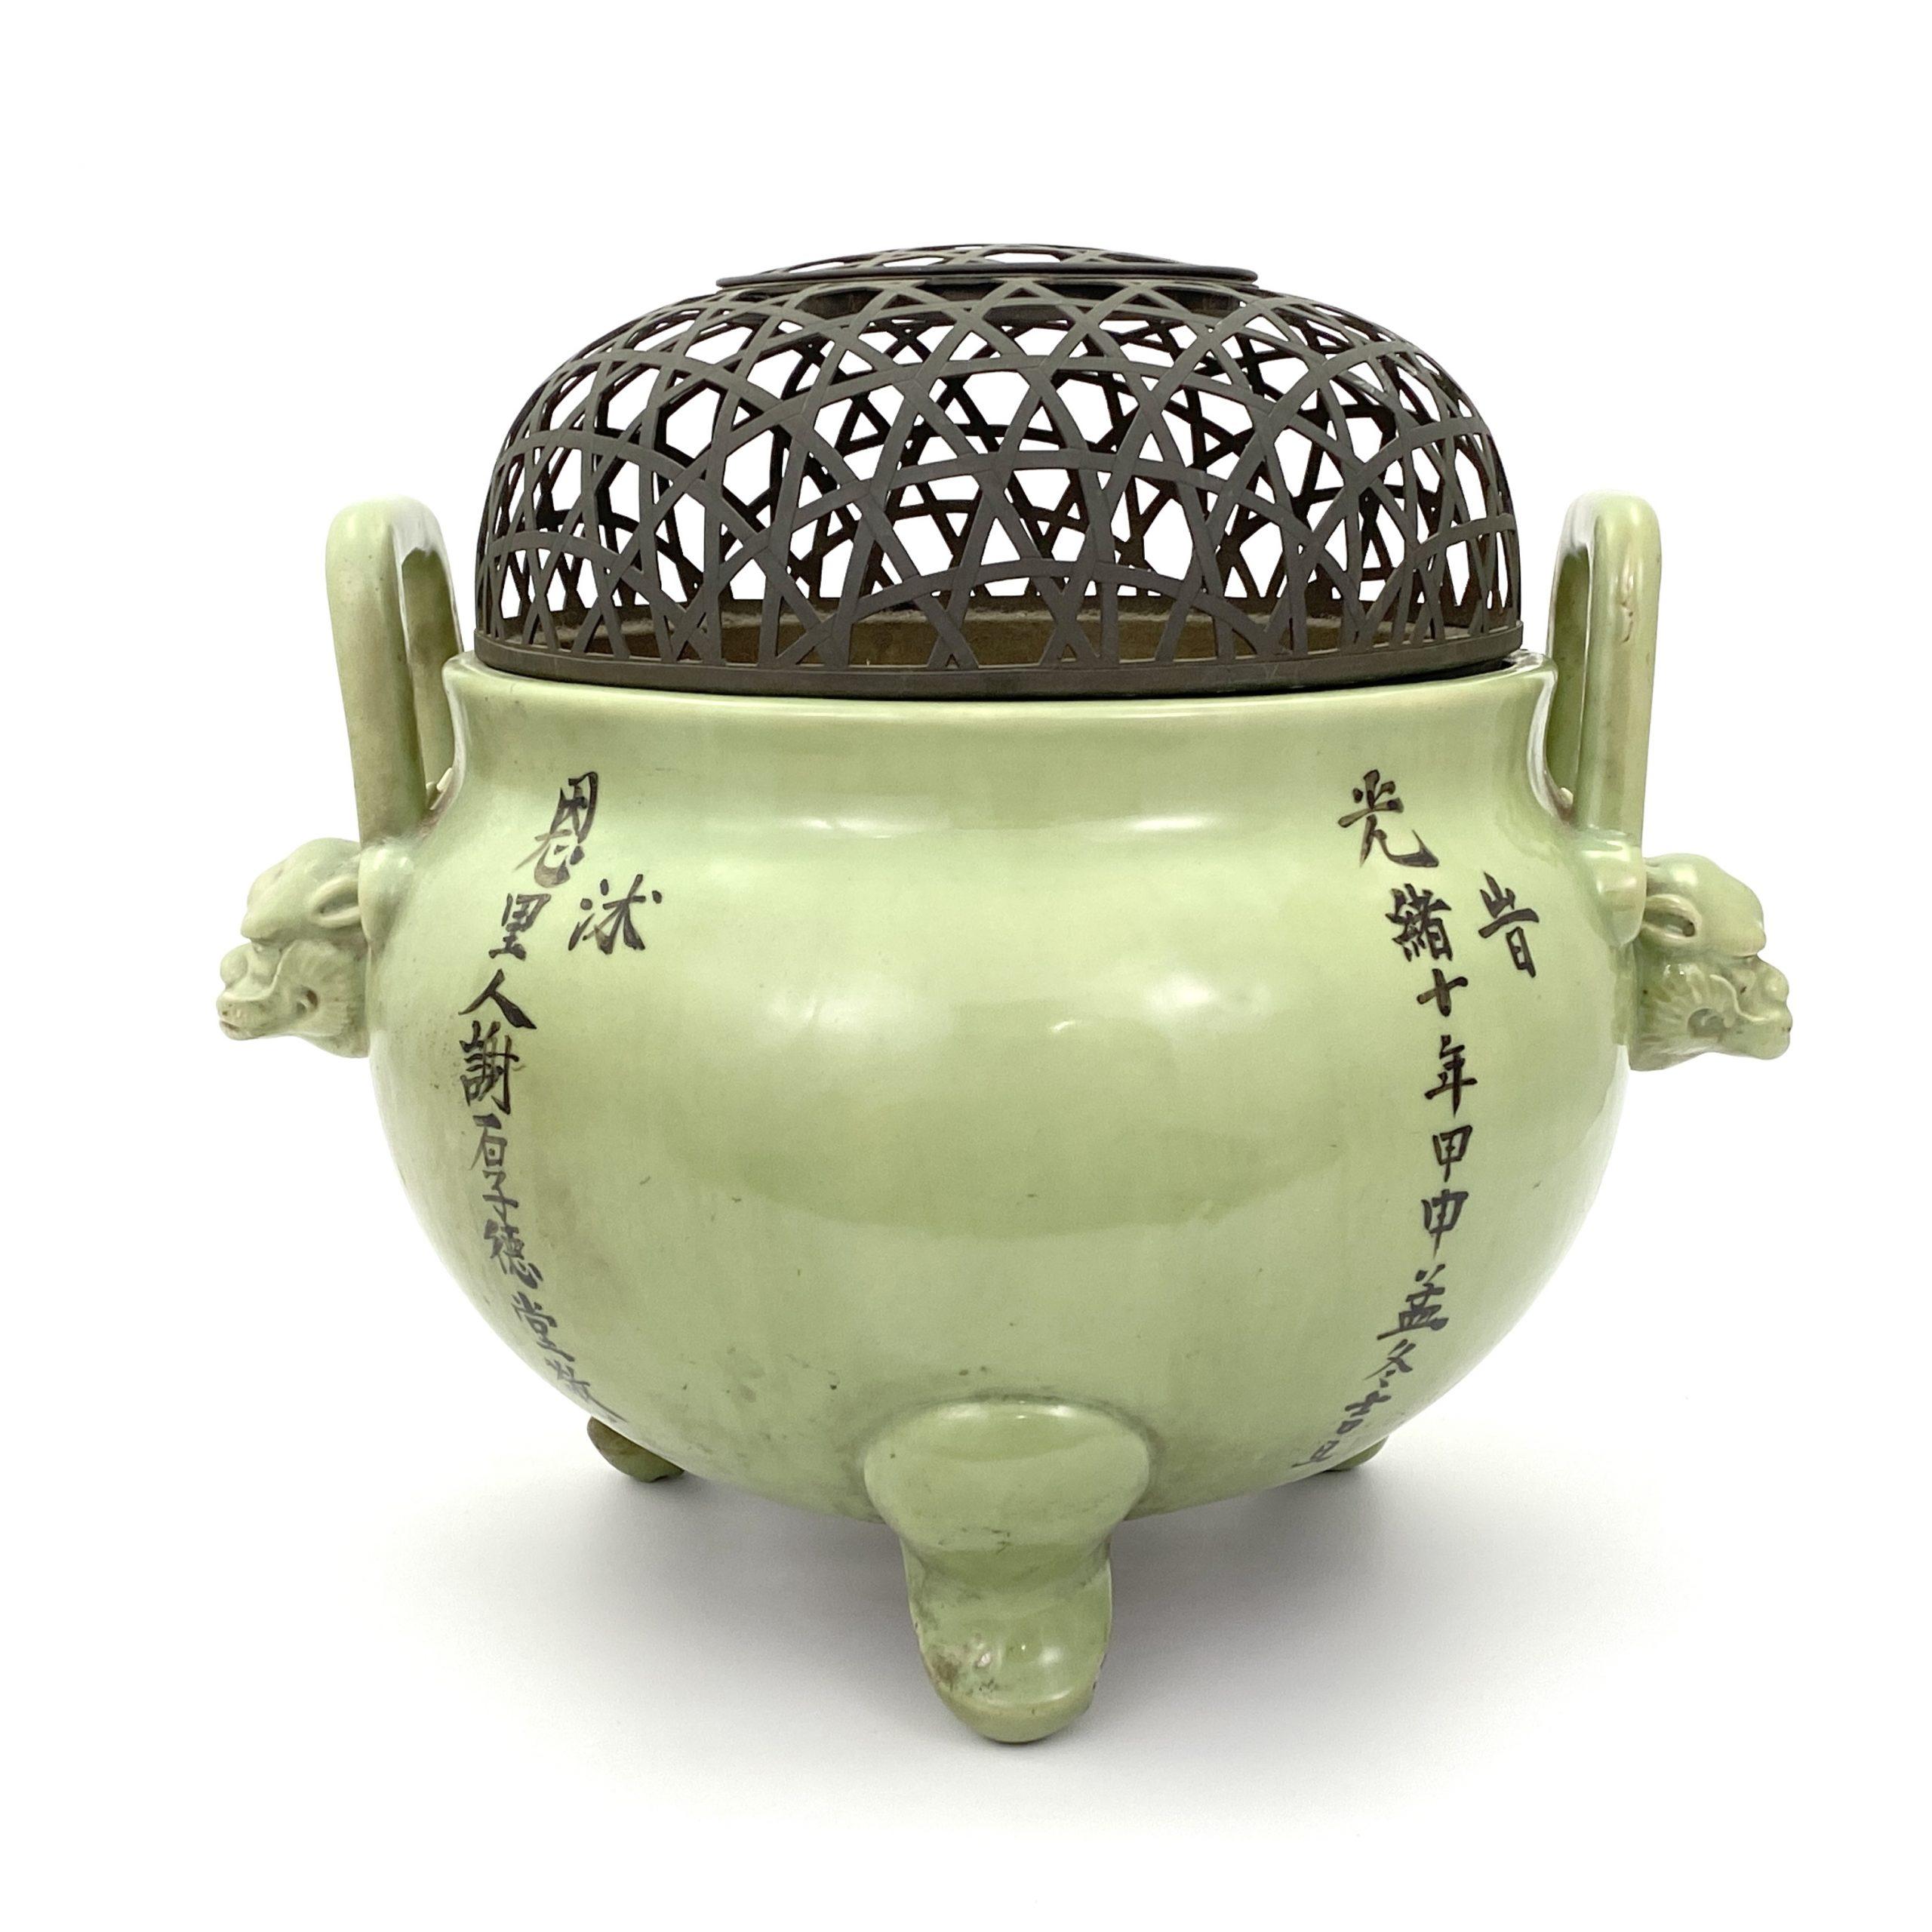 21071清「光緒十年~」款 粉青釉 鹿耳大香爐